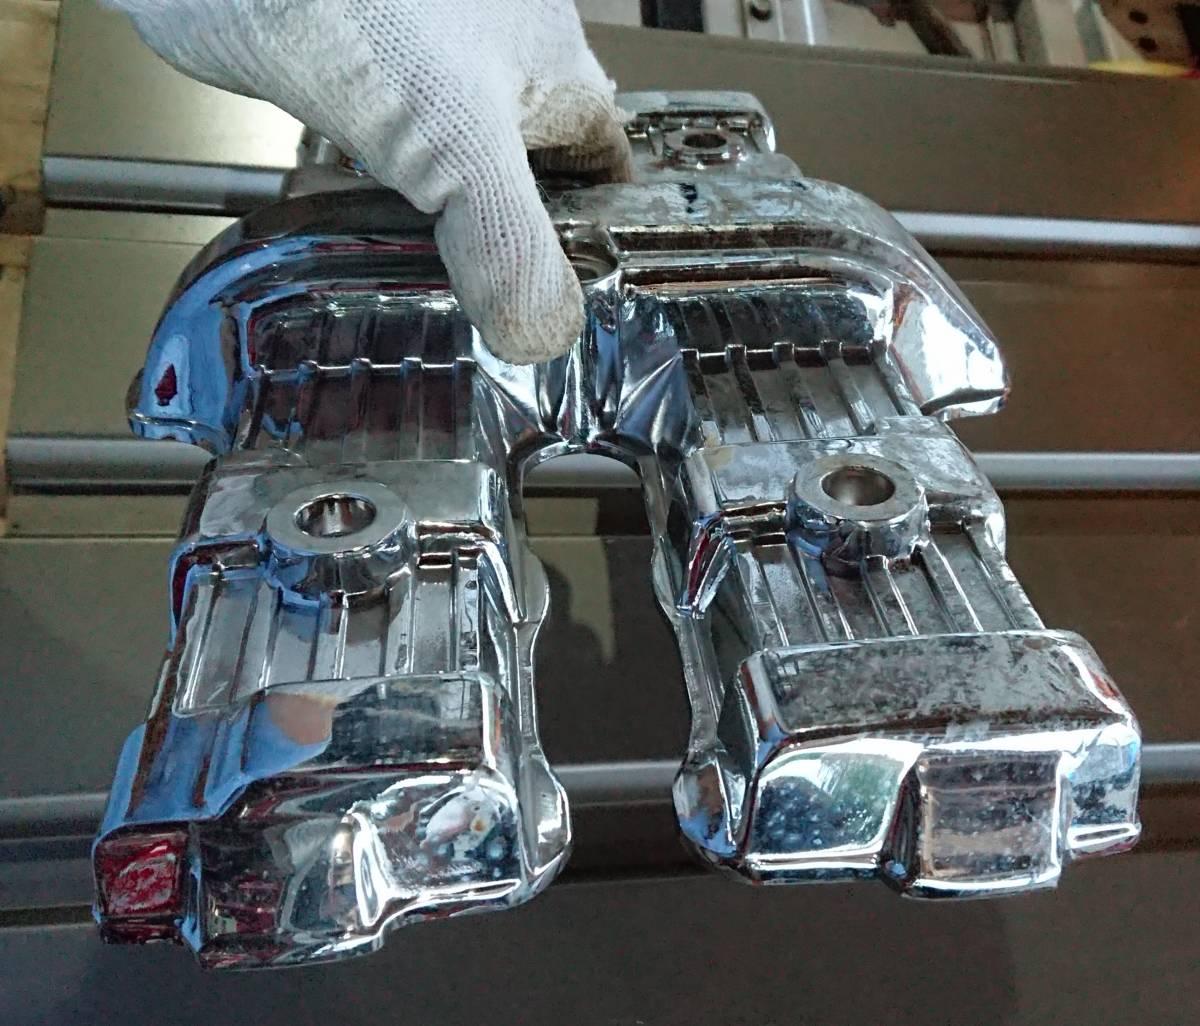 CBX400F CBX550F メッキ 後未使用 ヘッドカバー 放置品 当時物 キジマ ビート サンセイ ダイシン BEET エンジン_画像3